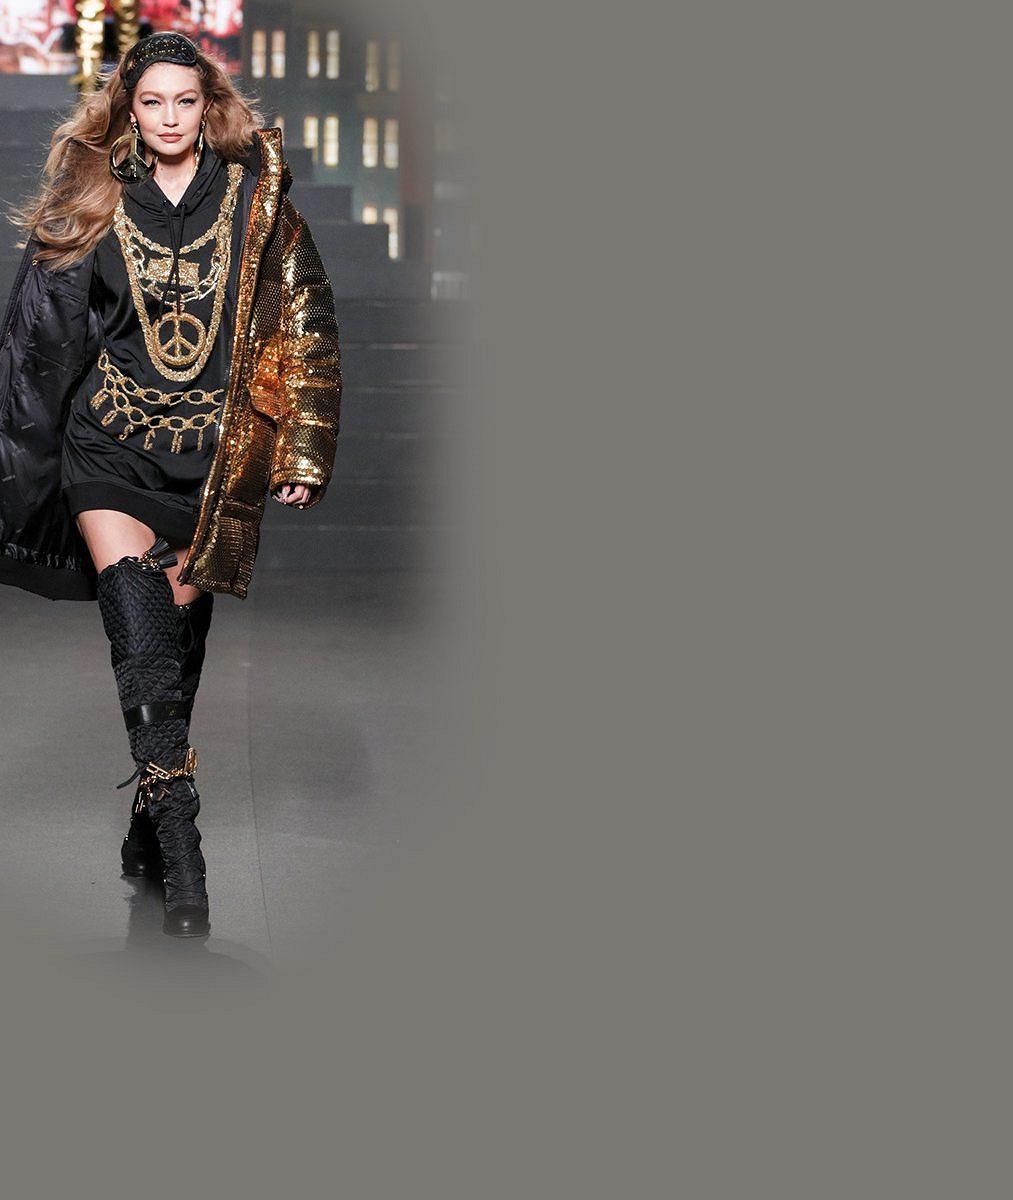 Obnovený vztah se slavným zpěvákem jí klape: Topmodelka Gigi Hadid má být už pět měsíců těhotná